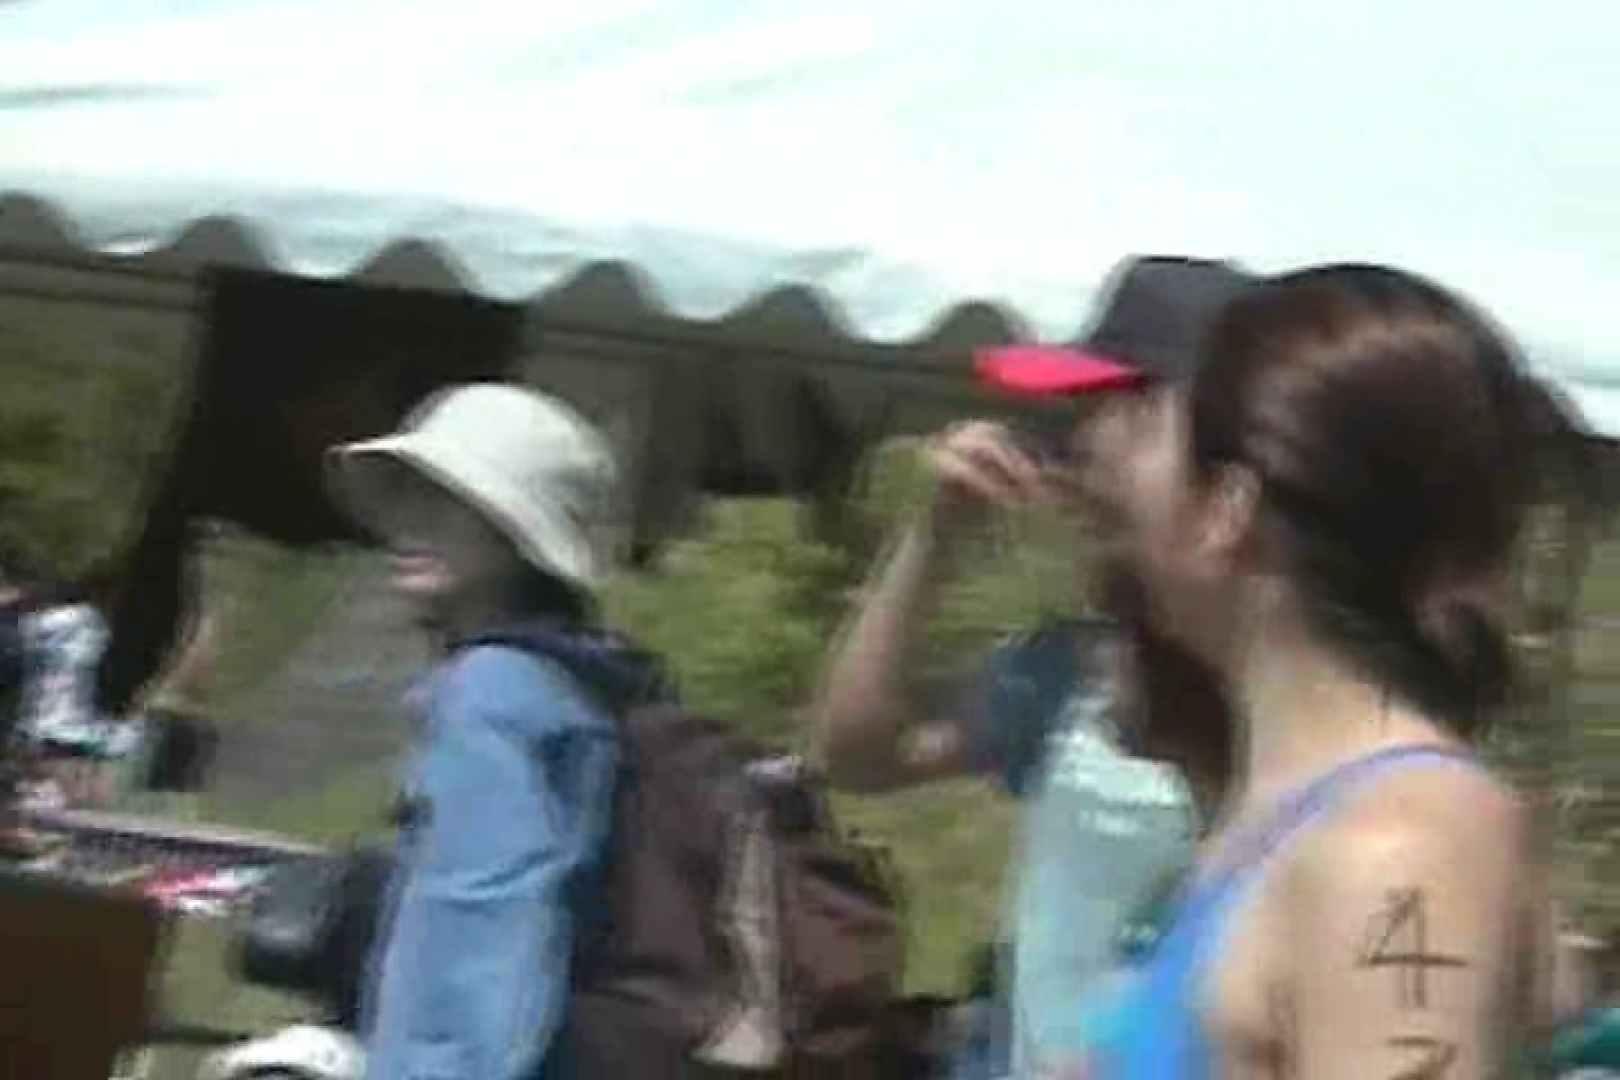 鉄人レース!!トライアスロンに挑む女性達!!Vol.6 OL  105枚 52